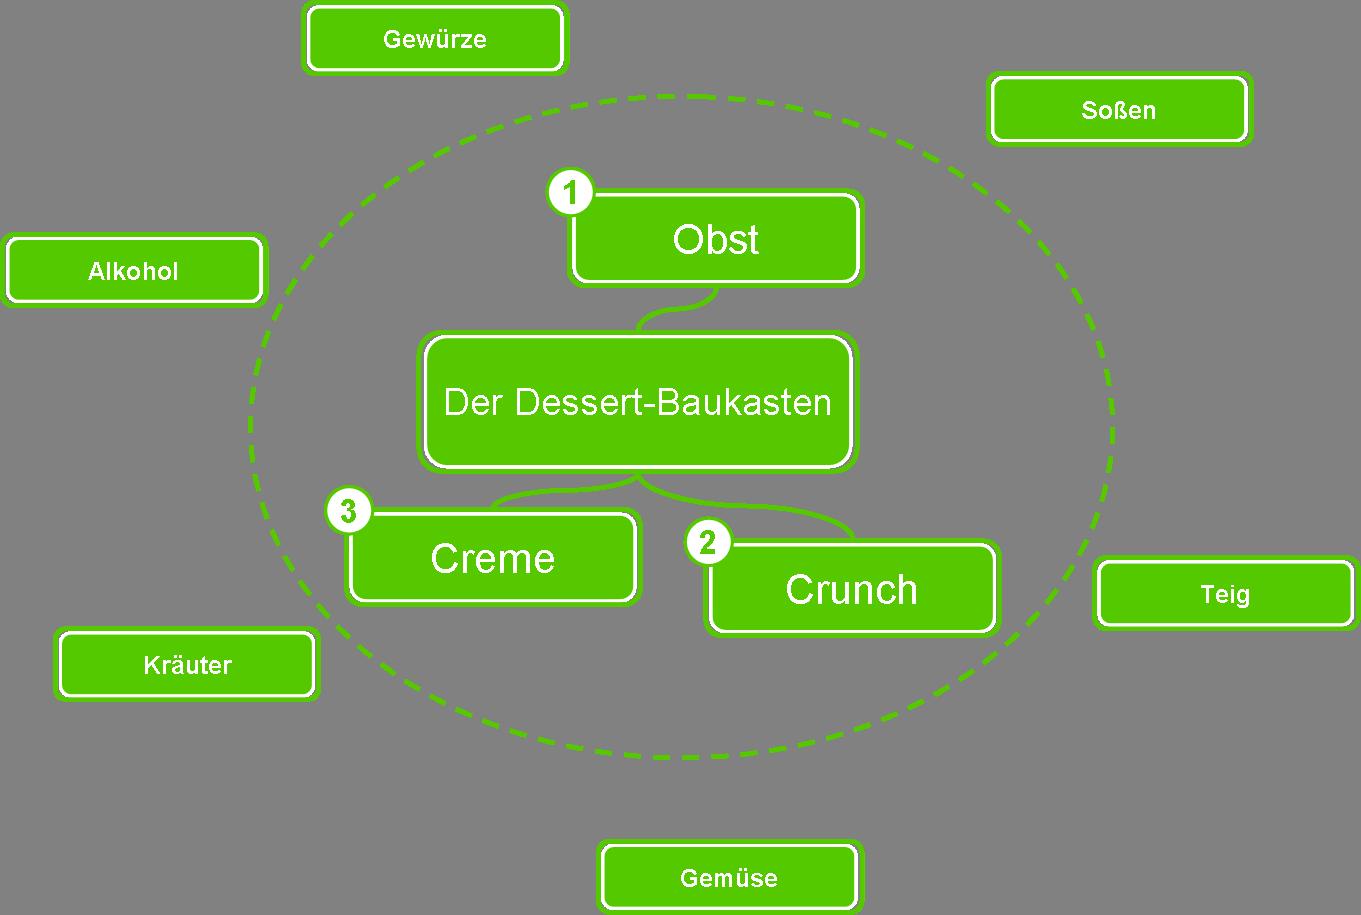 Kreativ kochen - Dessert - Überblick